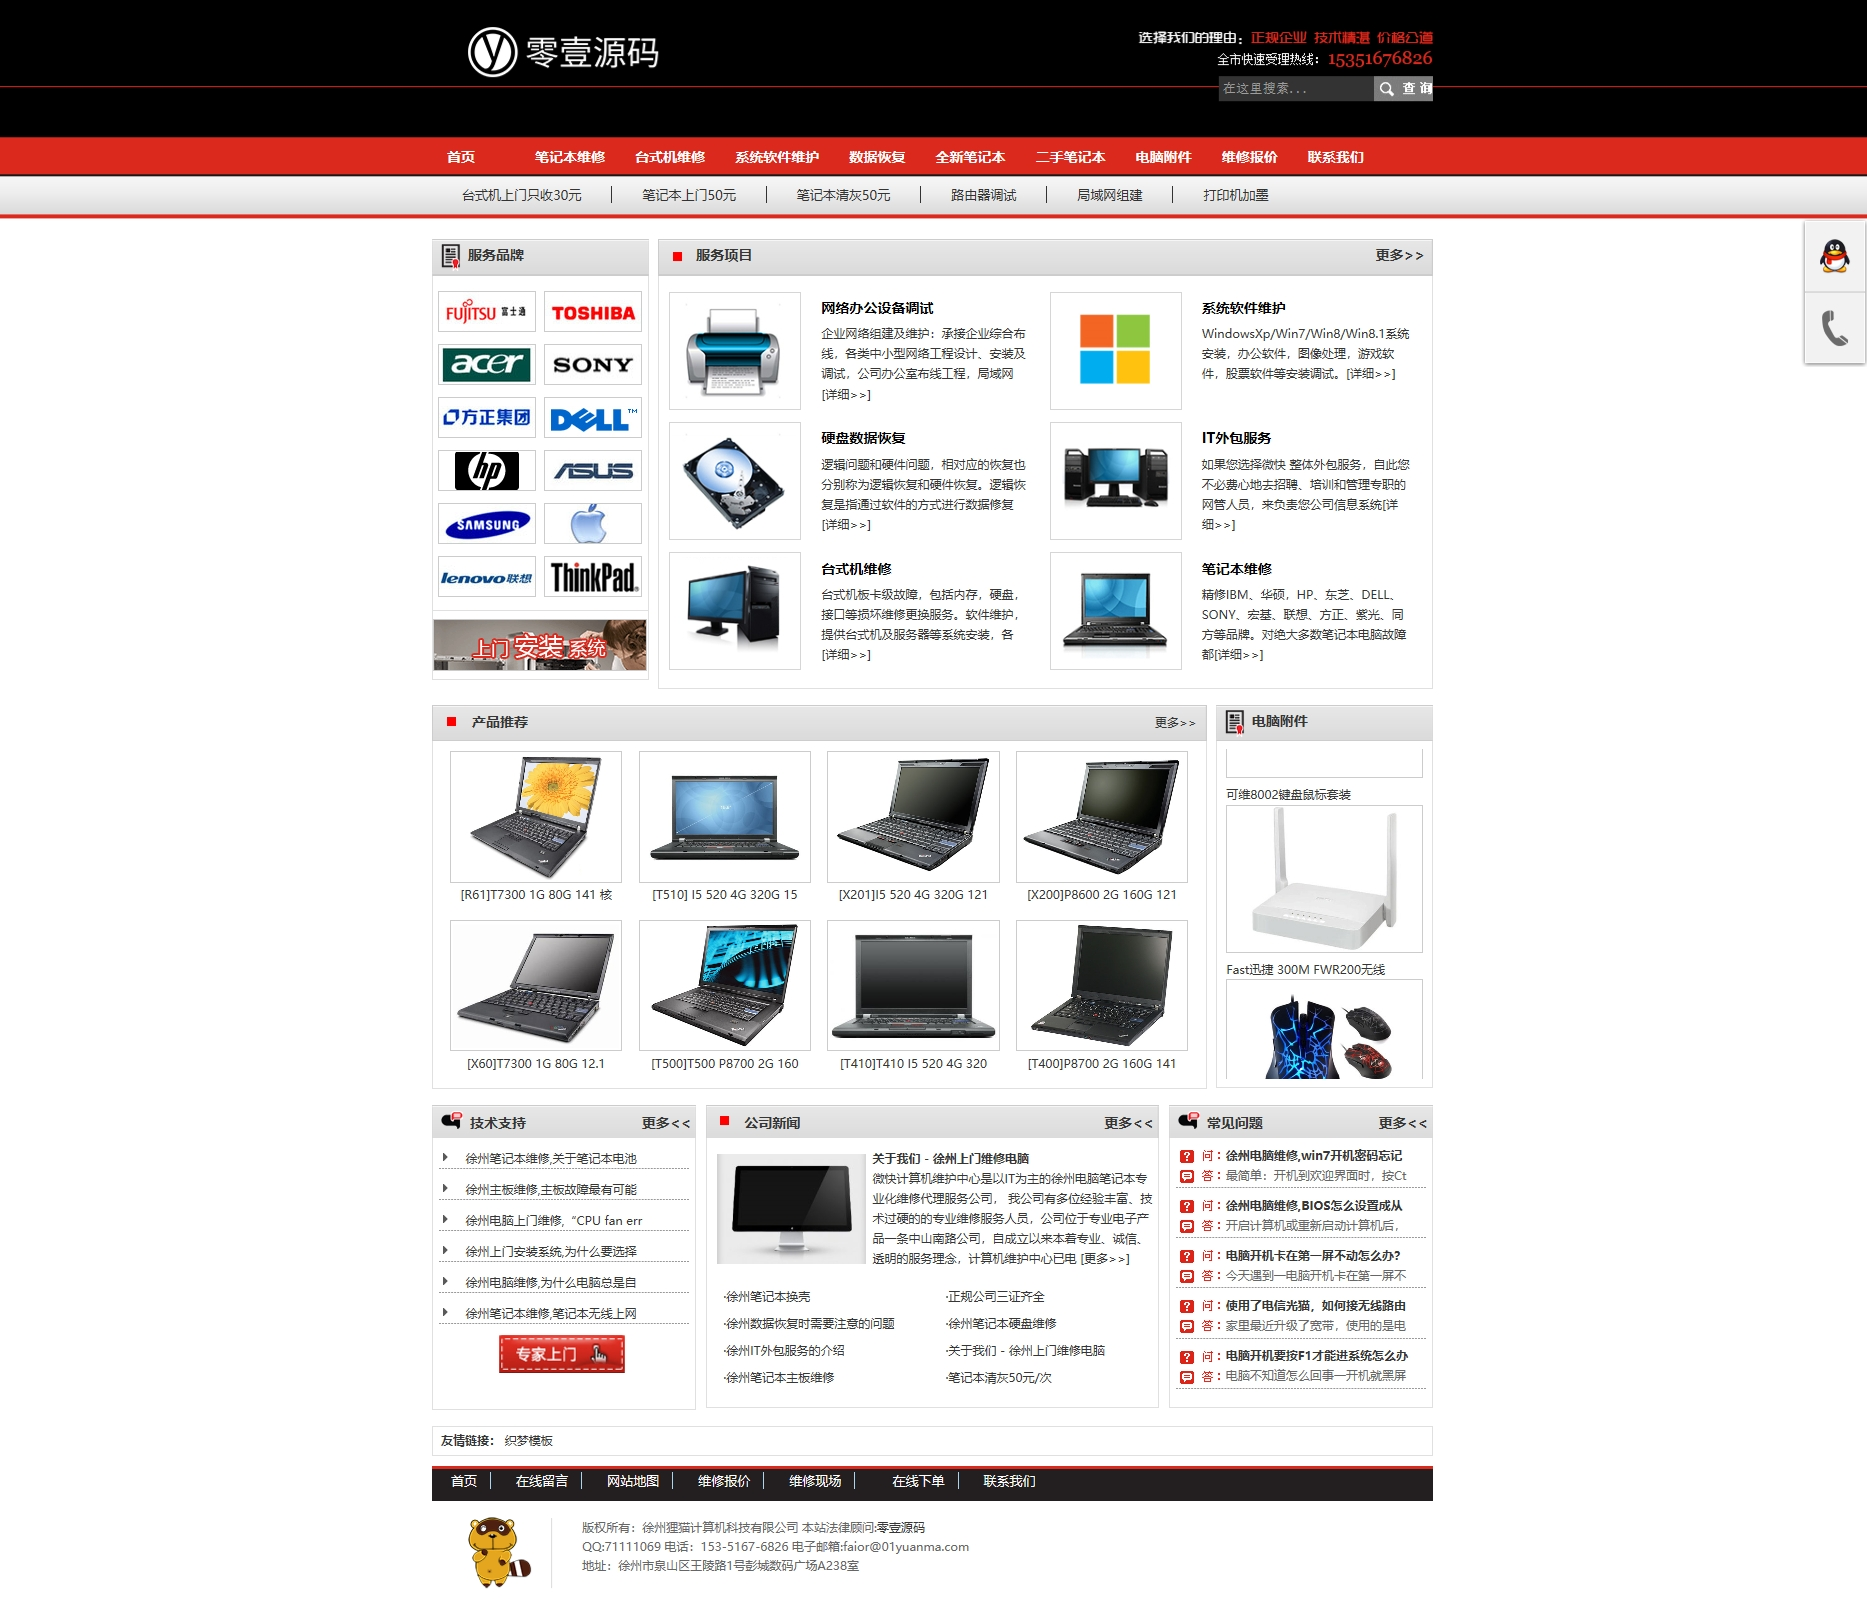 电脑电子设备维修服务类网站织梦dedecms模板